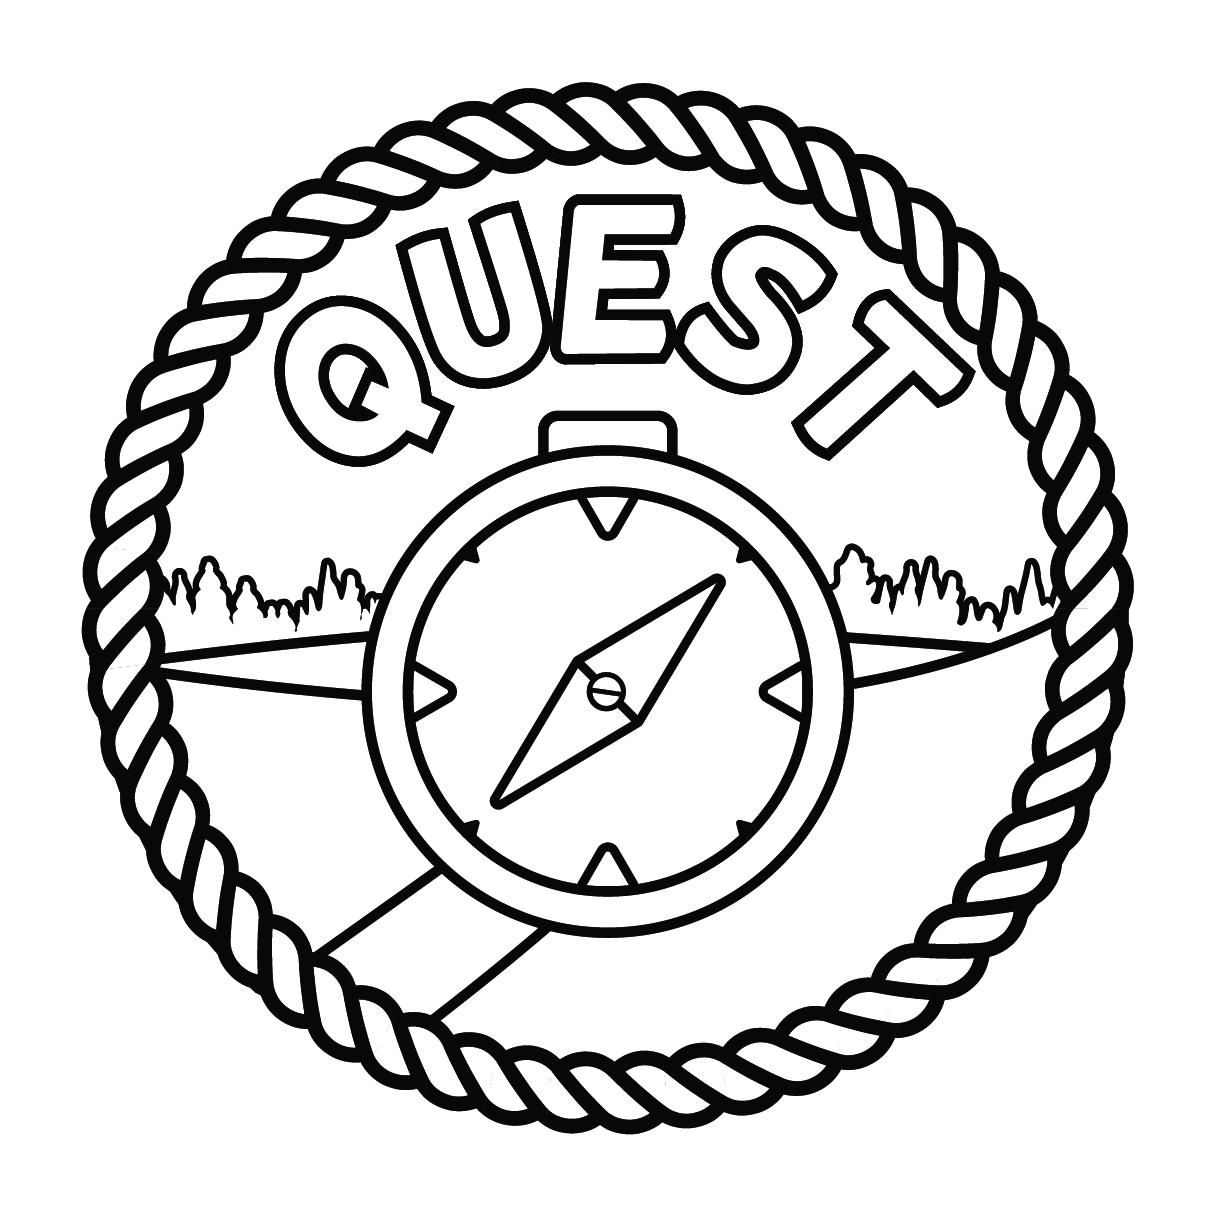 Quest - Logo - Colouring - Thumbnail.jpg